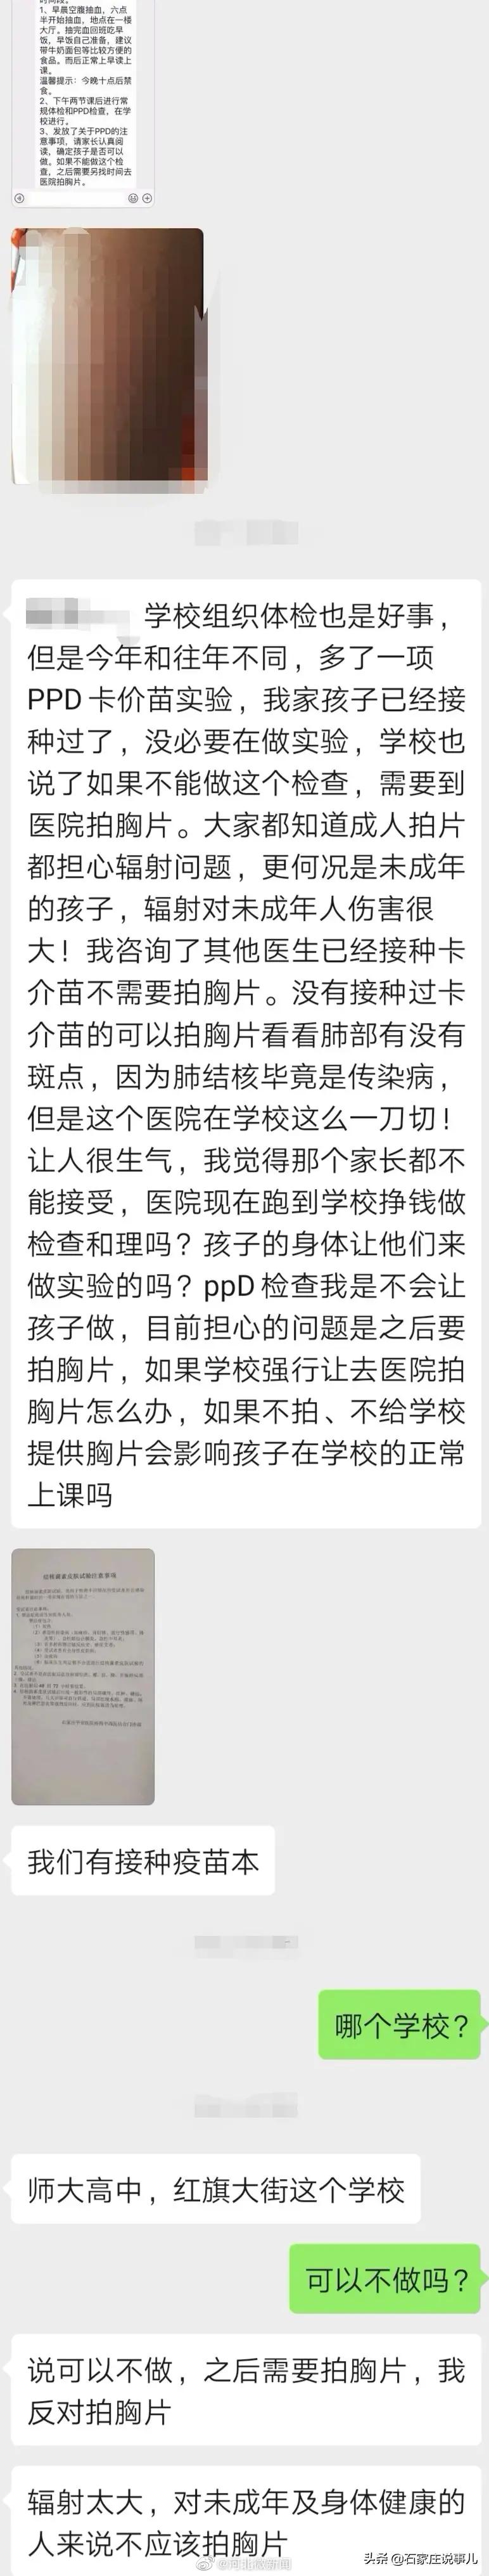 河北师范大学附属实验中学一刀切做二次卡介苗实验